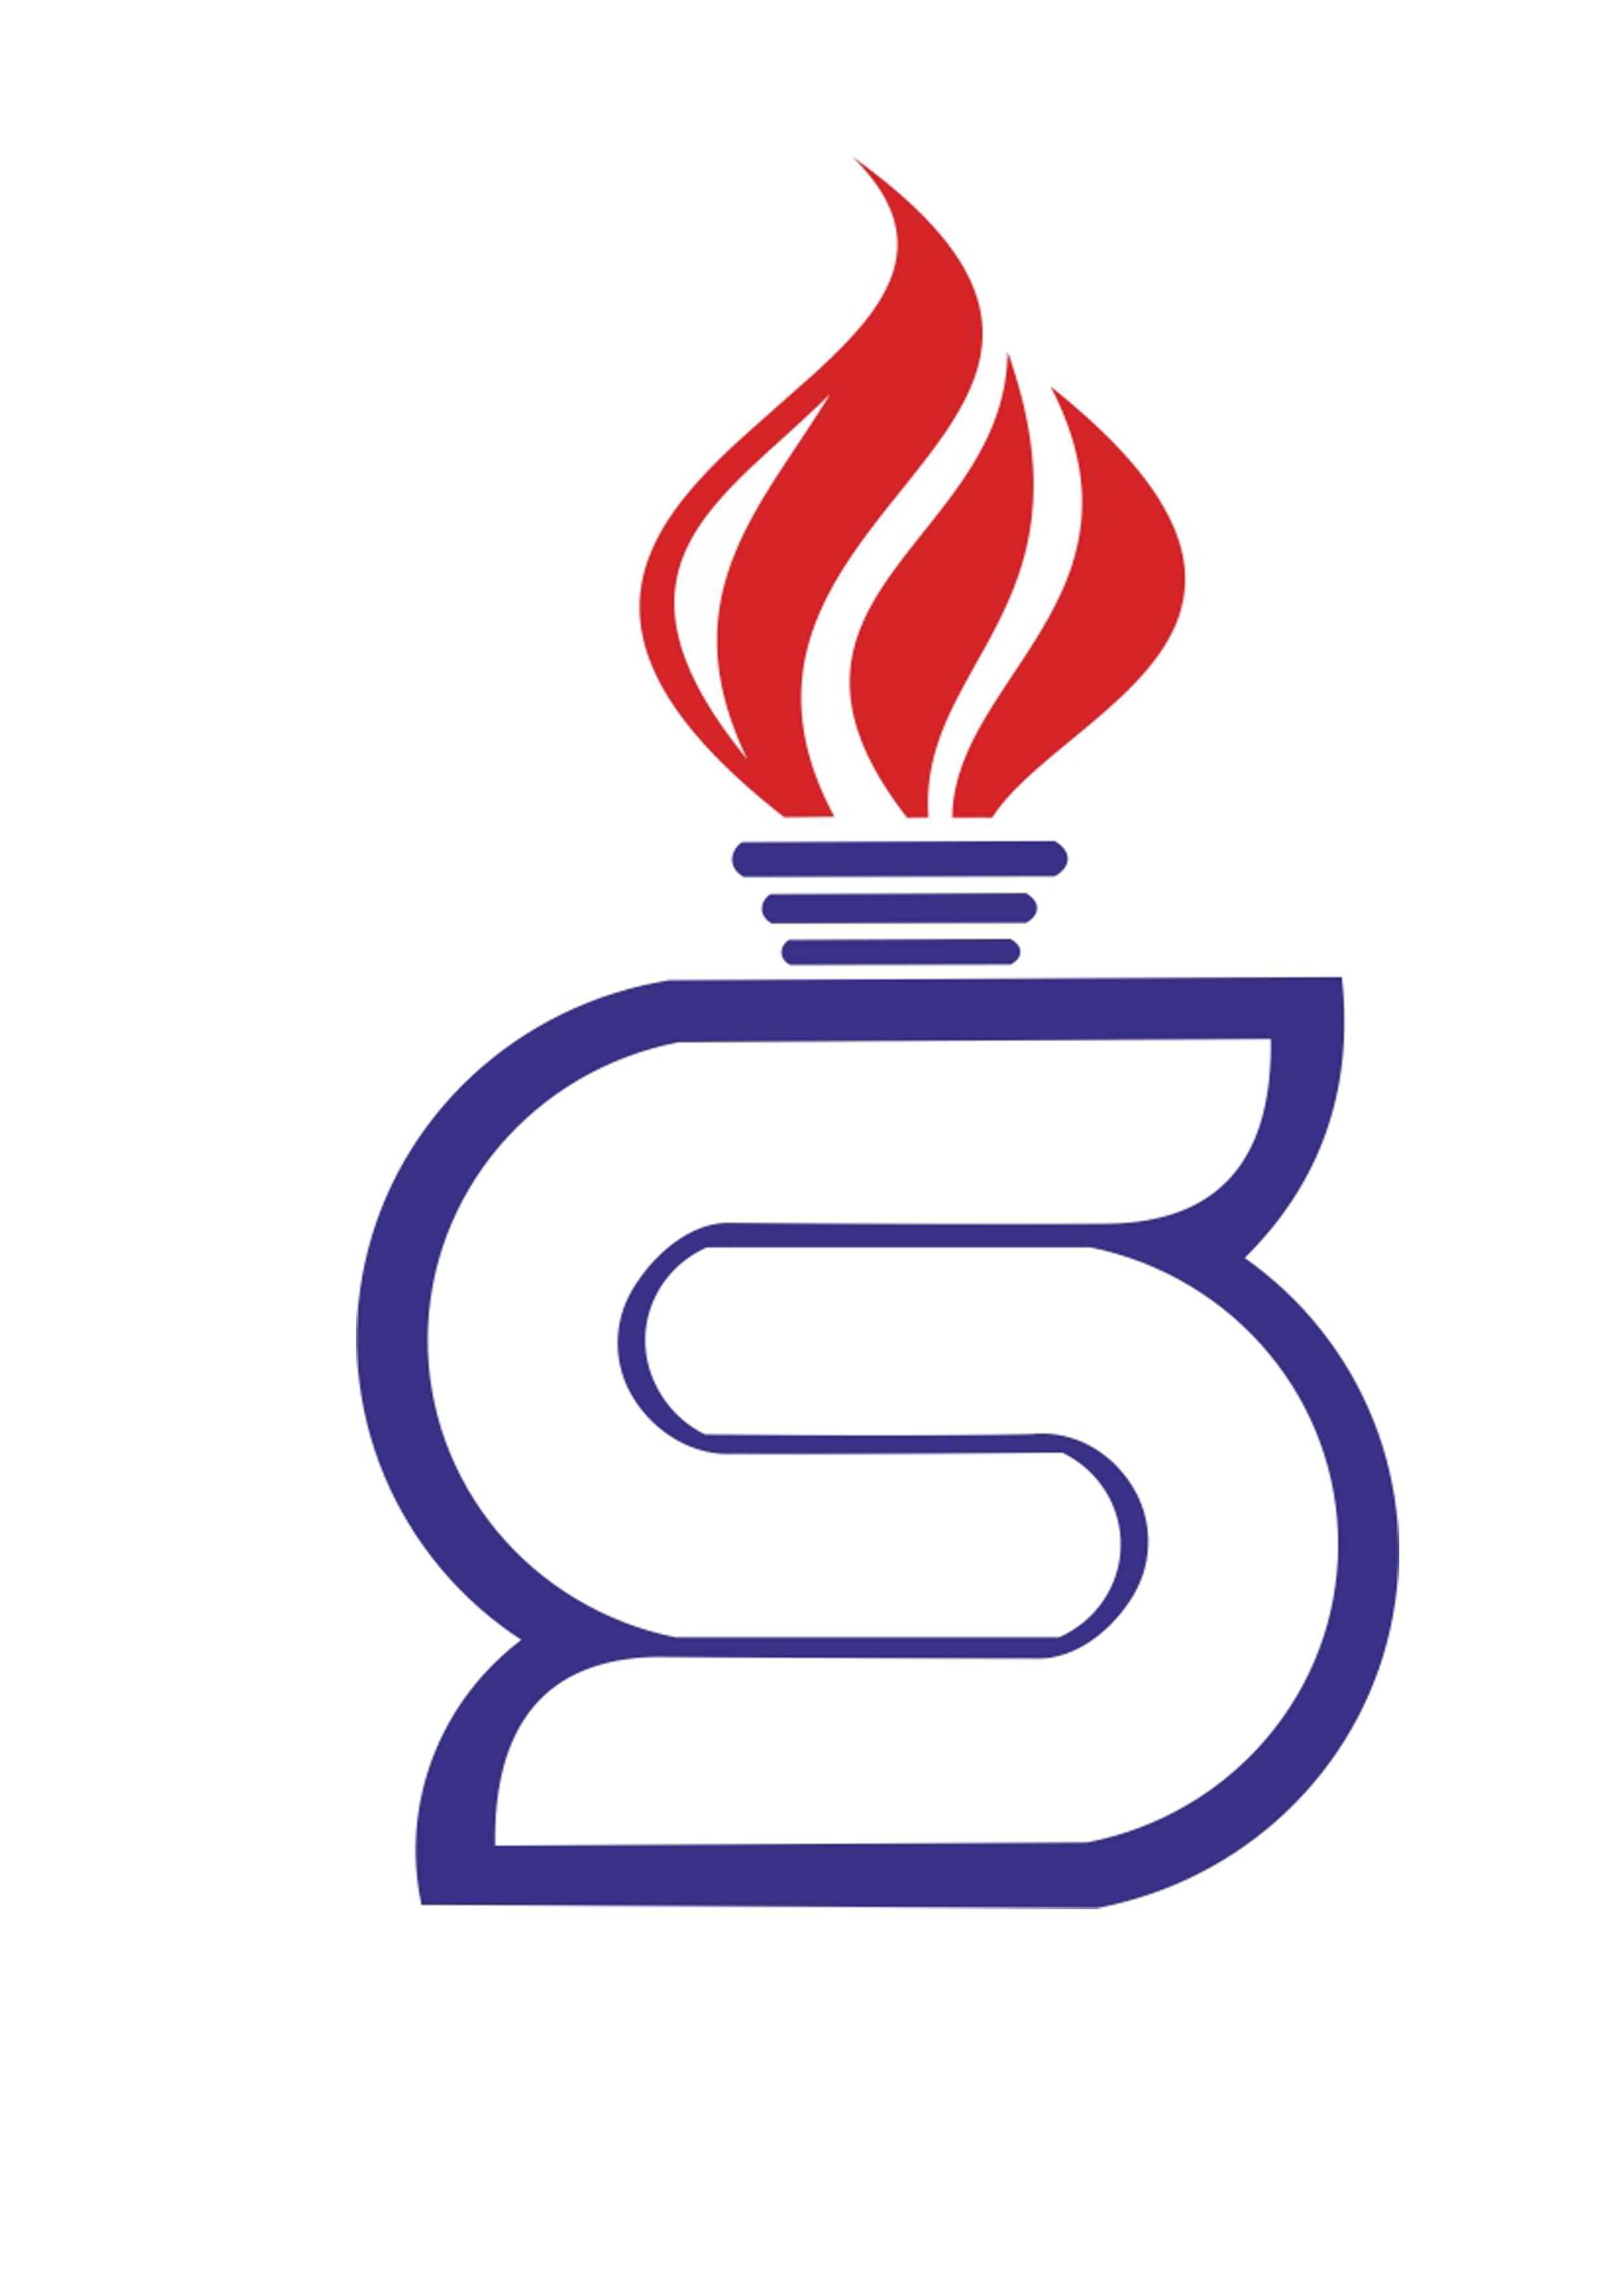 شرکت توسعه صنعت نفت و گاز سوشیانت